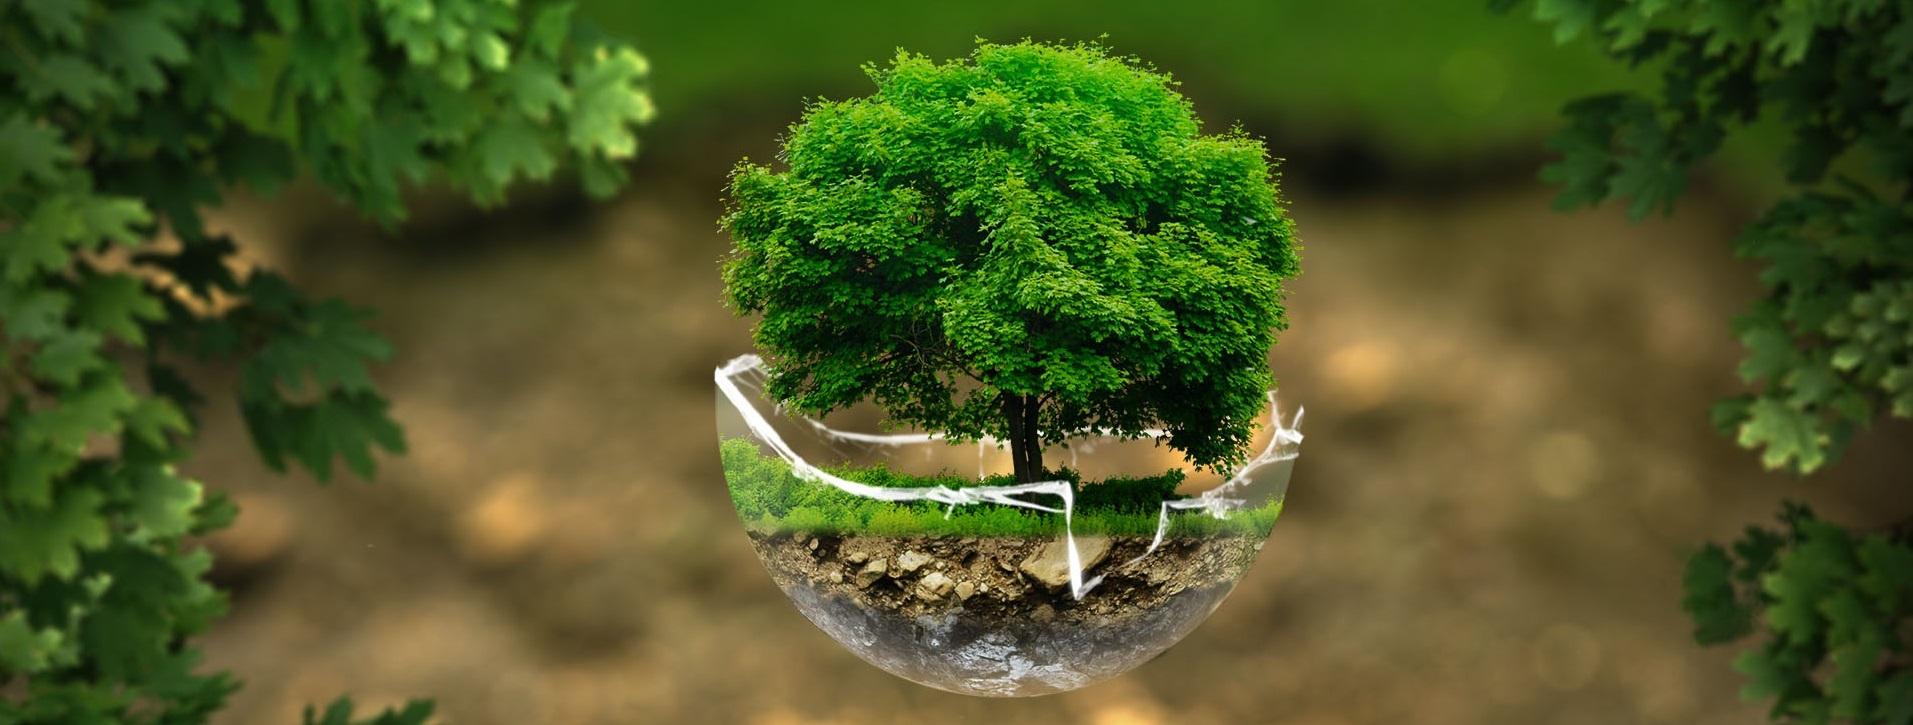 Ecologie monde sans frontiere